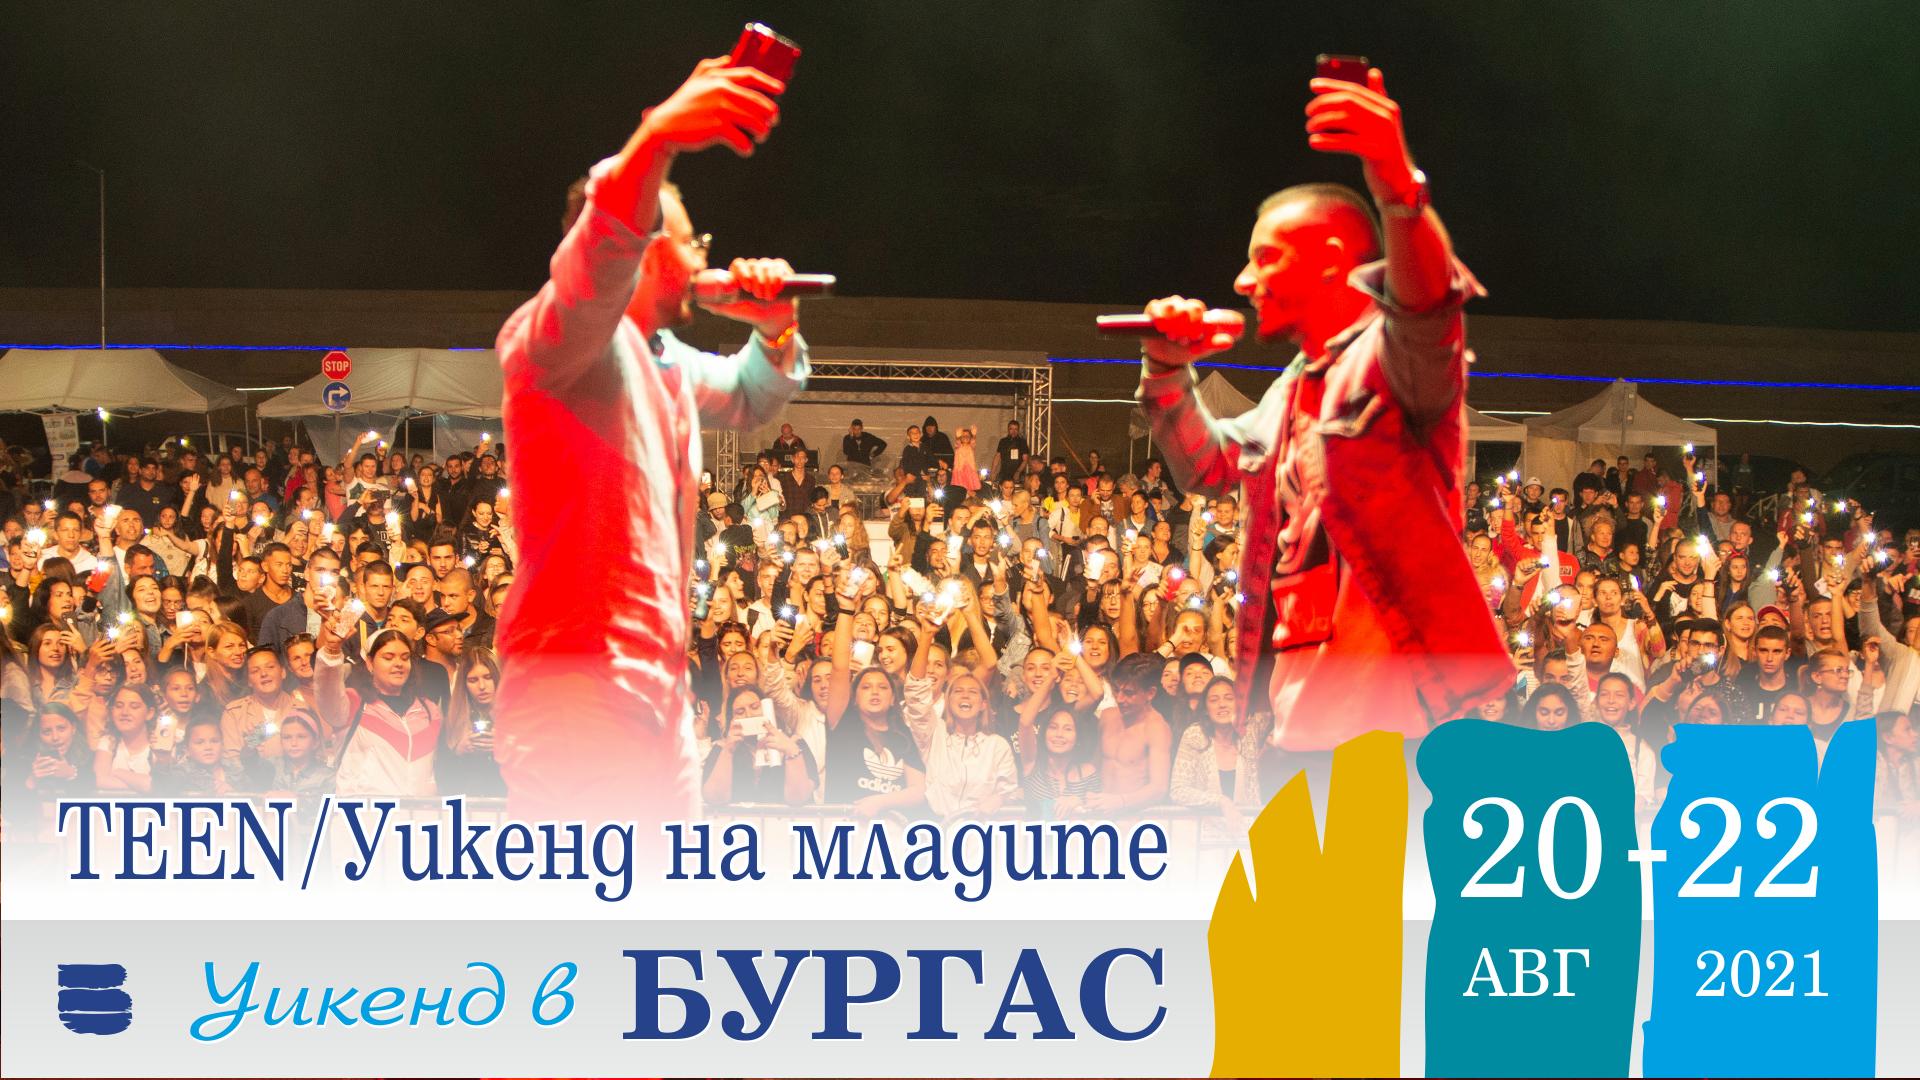 Teen уикенд / Уикенд на младите в Бургас 20 - 22 август